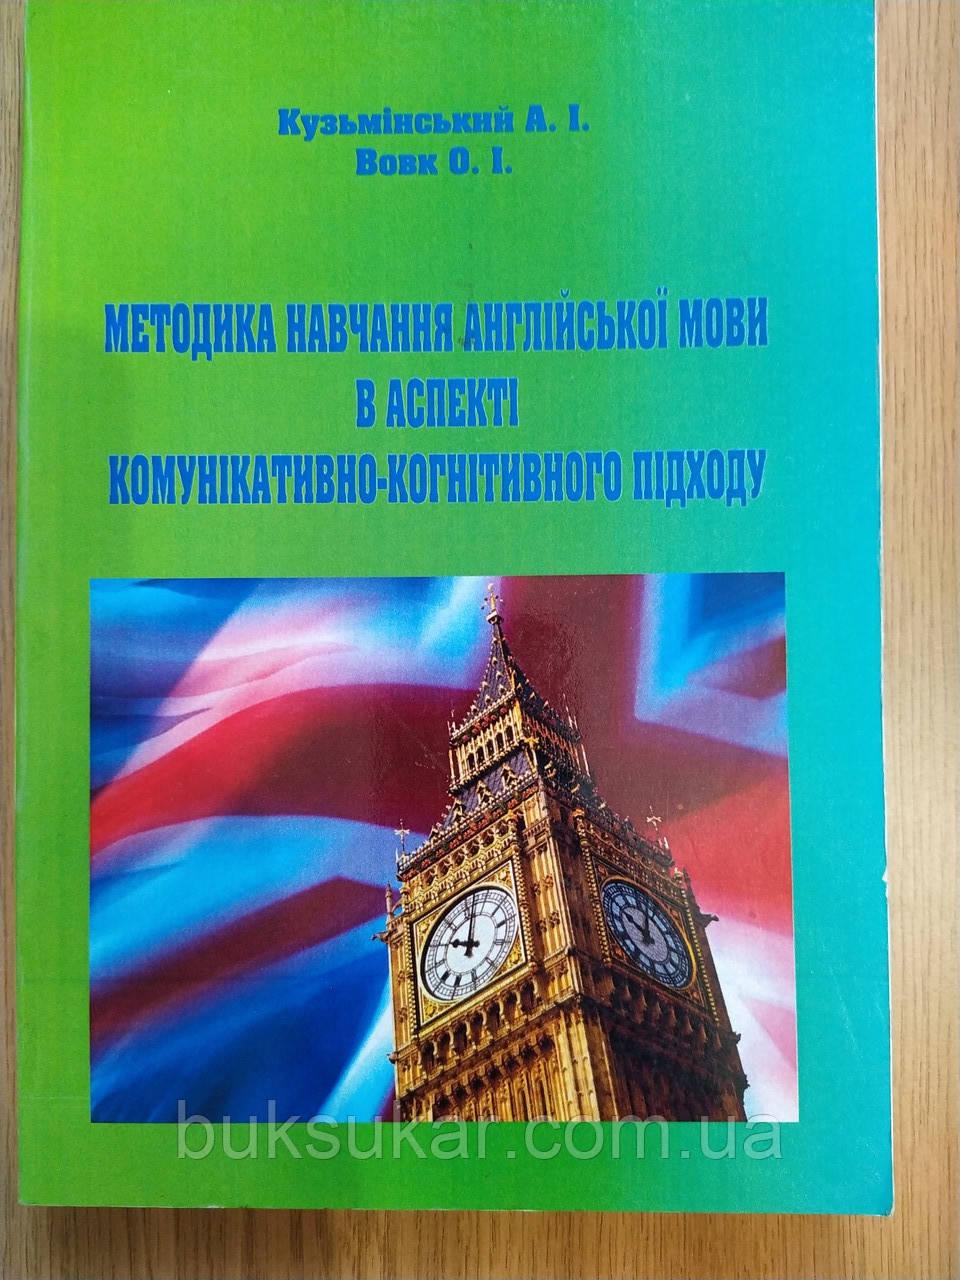 Методика навчання англійської мови в аспекті комунікативно-когнітивного підходу